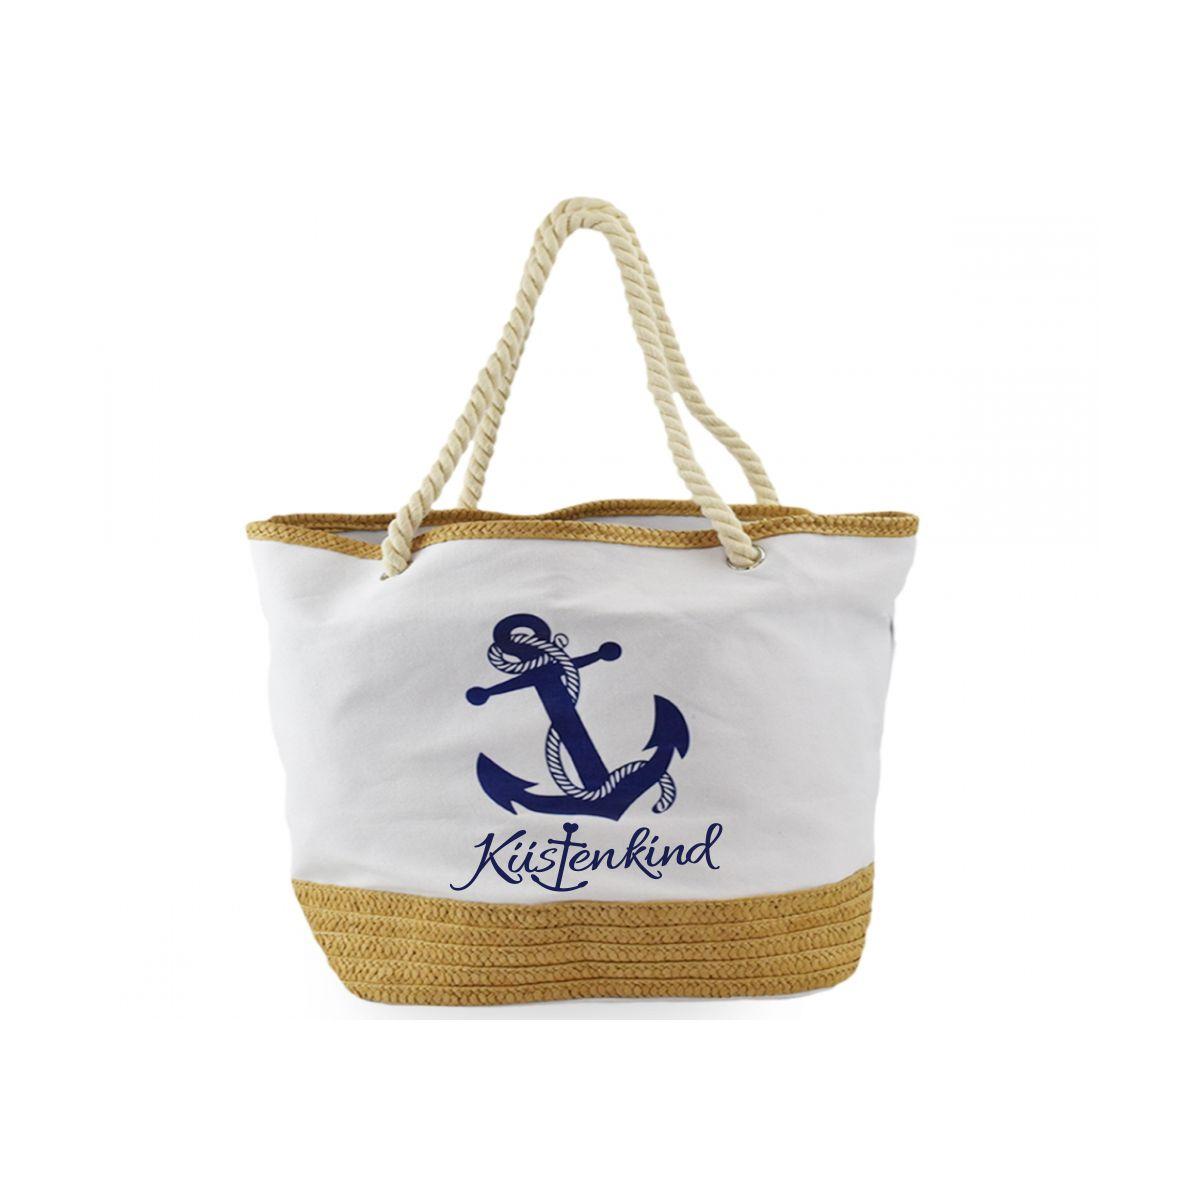 Strandtasche groß mit Reißverschluss - Küstenkind voll im ...